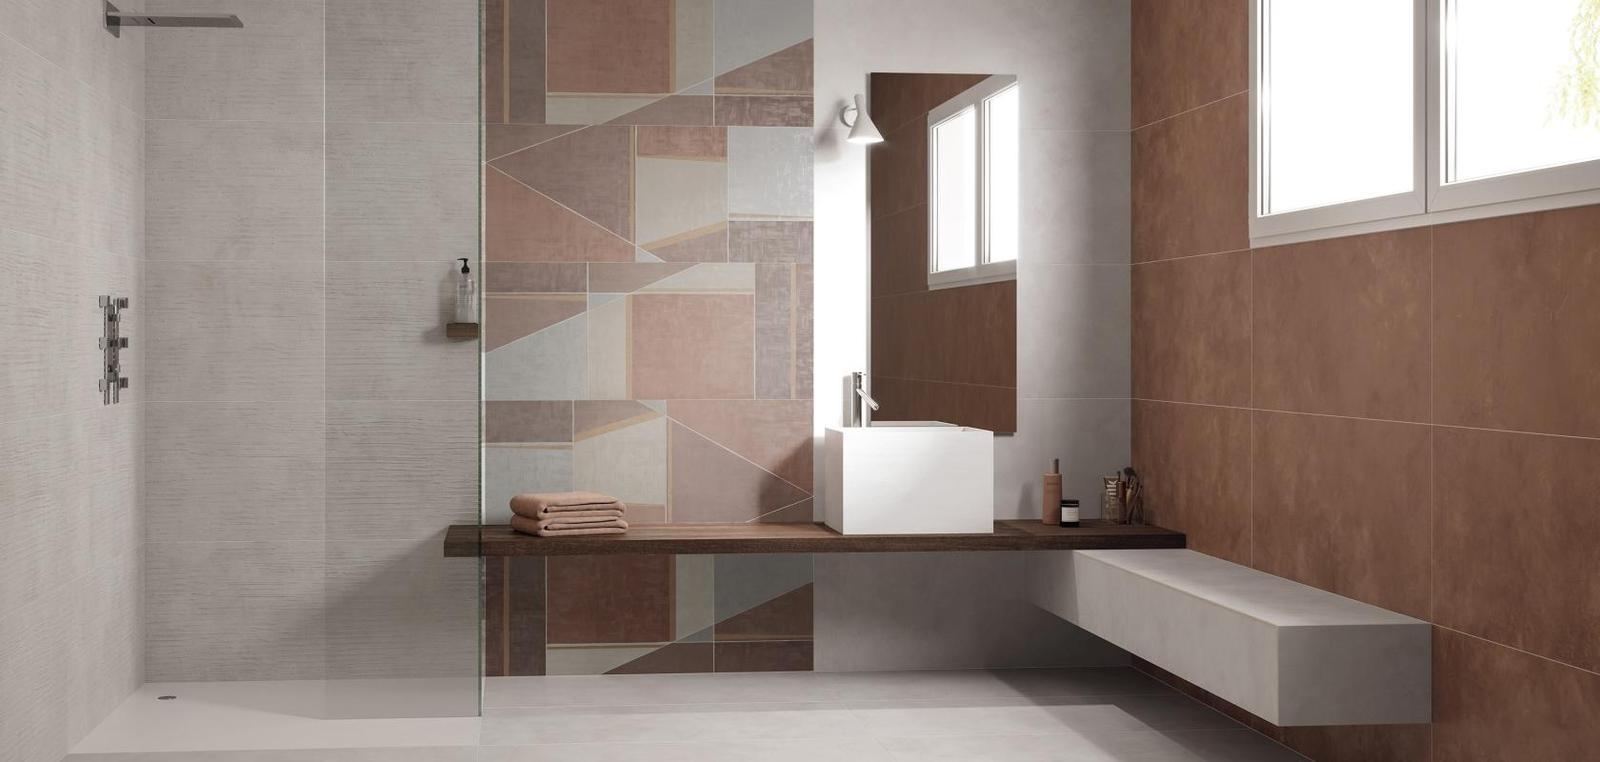 Kúpeľne 2020 / Nové trendy - Obrázok č. 59